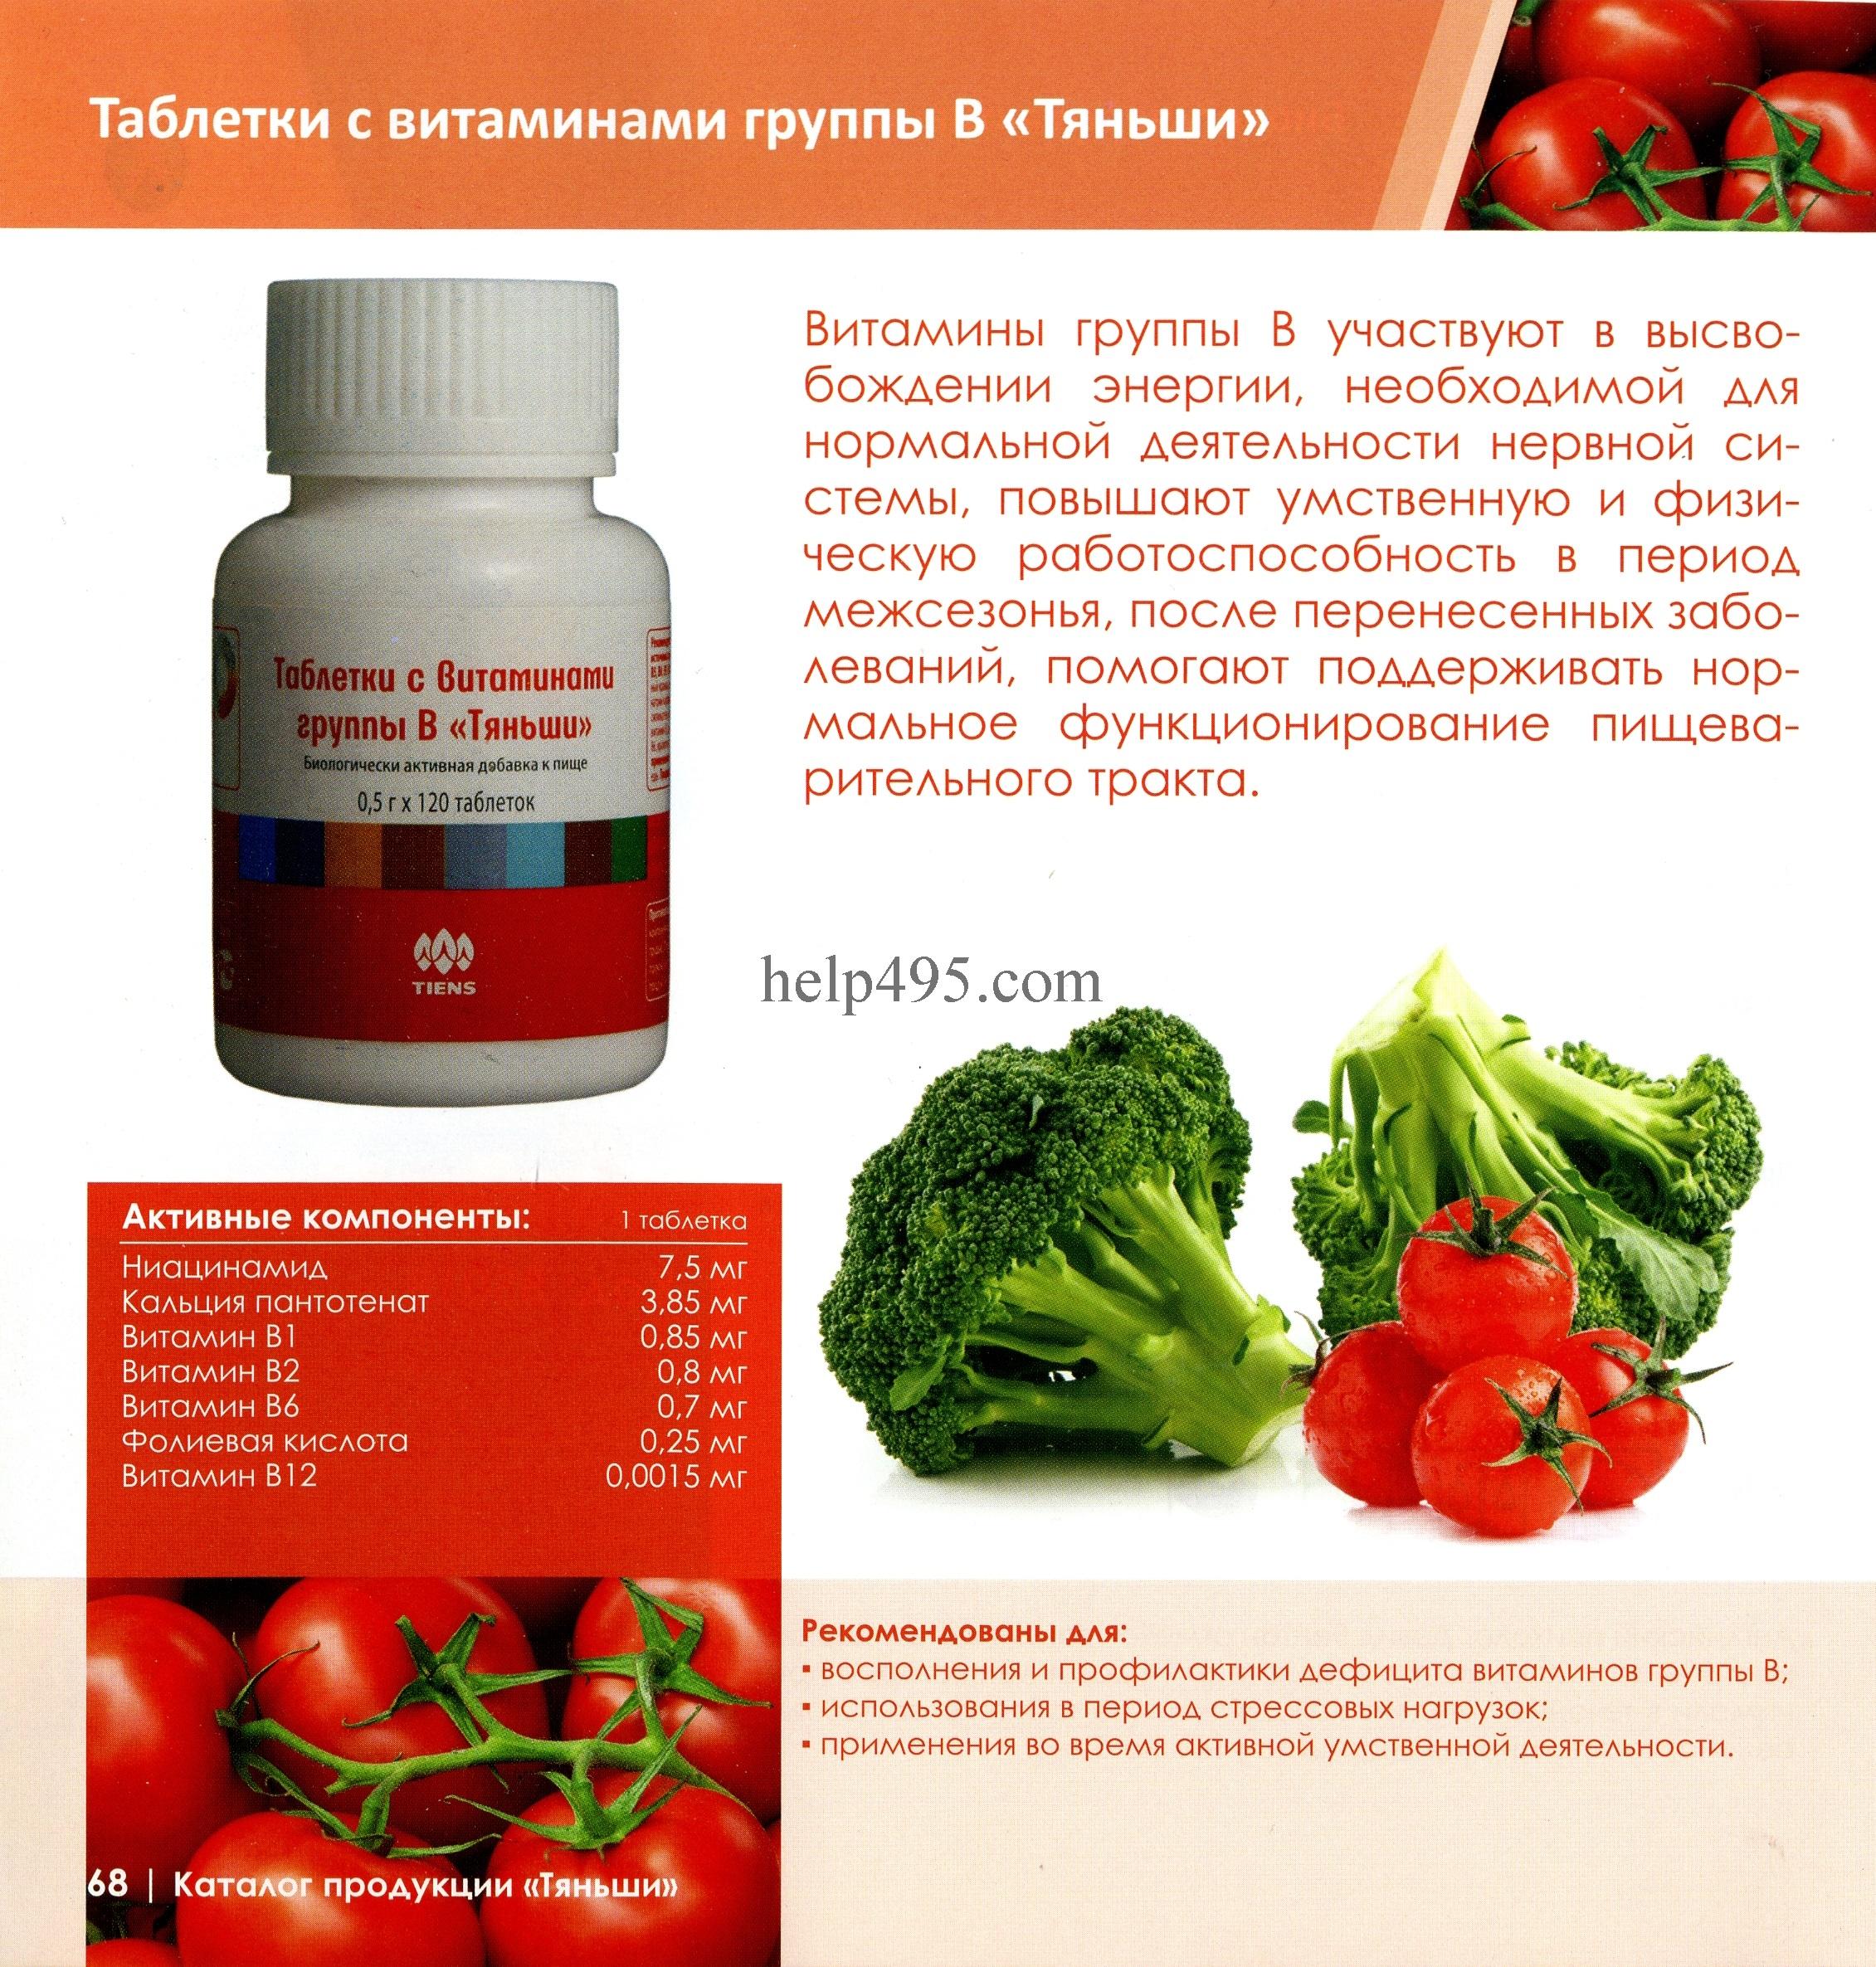 Состав Таблеток с витаминами группы В  Тяньши